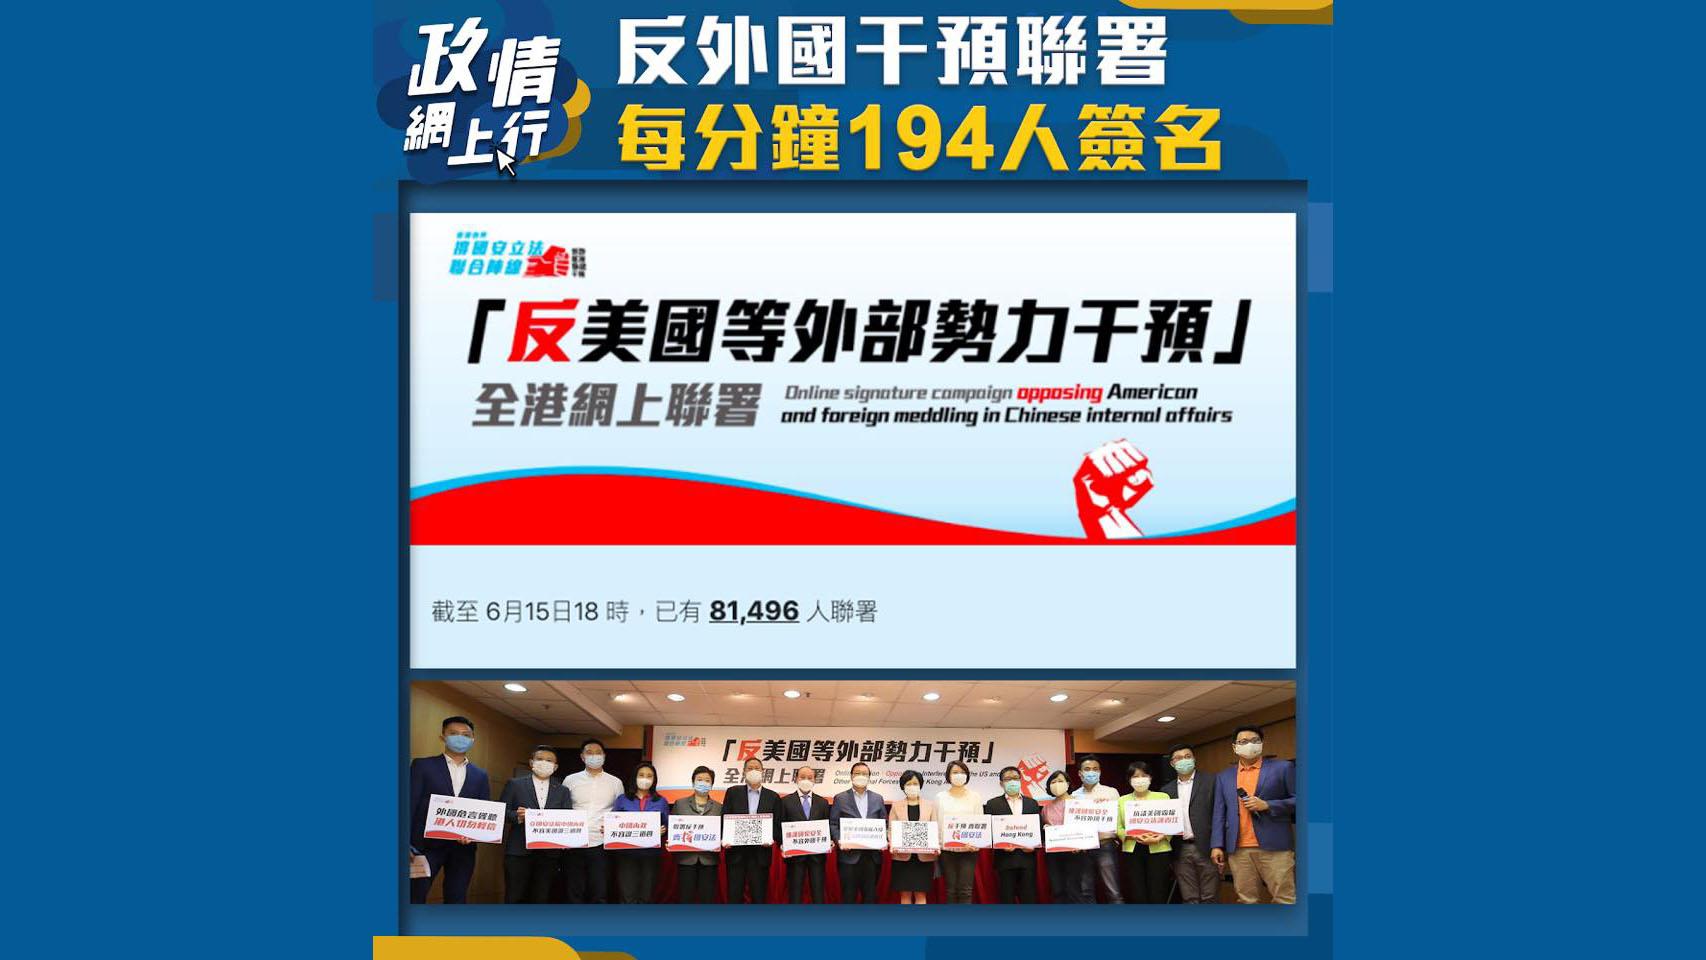 【政情網上行】反外國干預聯署每分鐘194人簽名